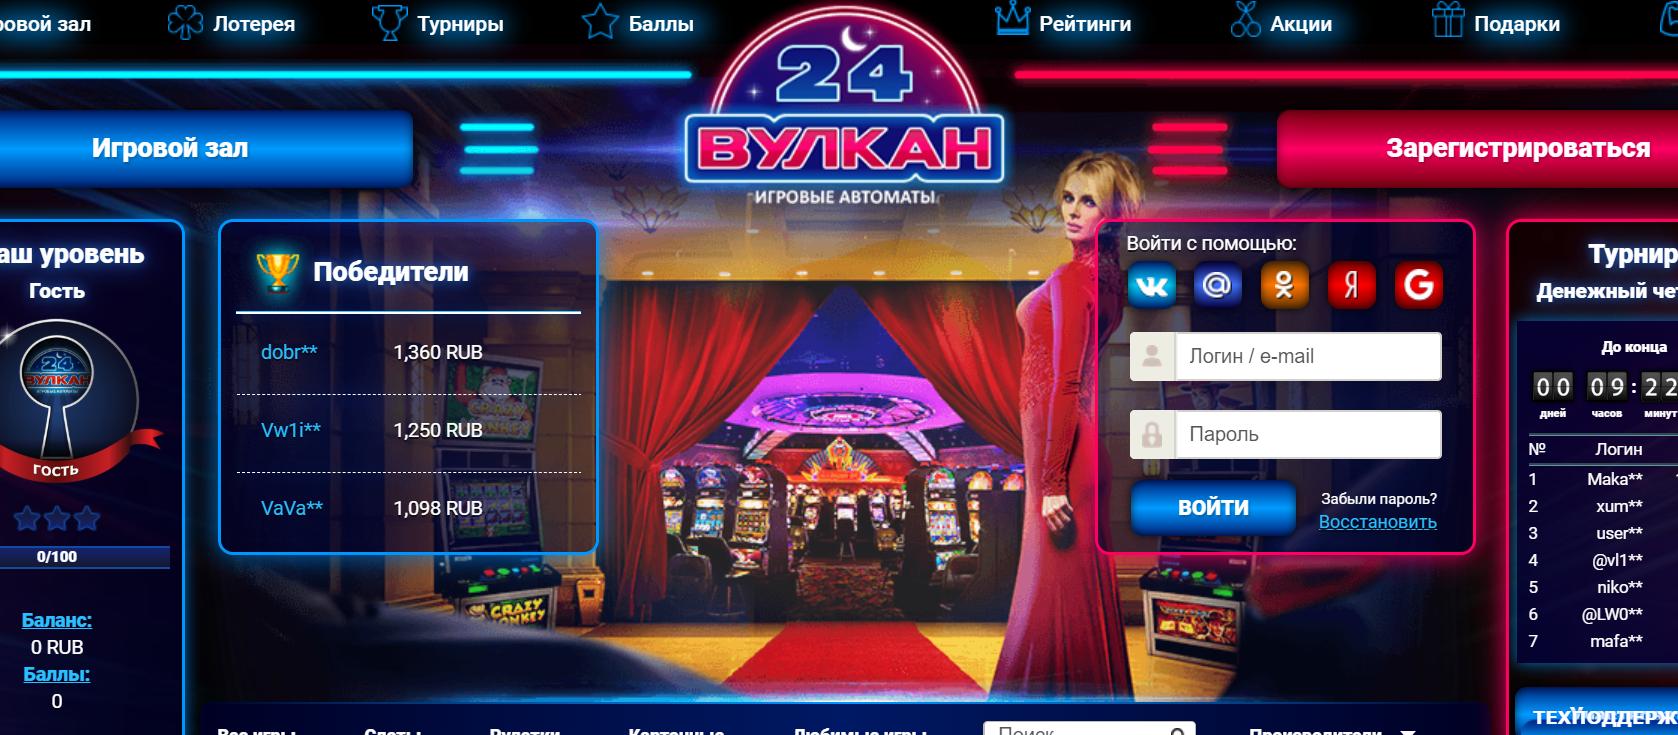 Игры, в которые можно играть в онлайн-казино  Вулкан 24